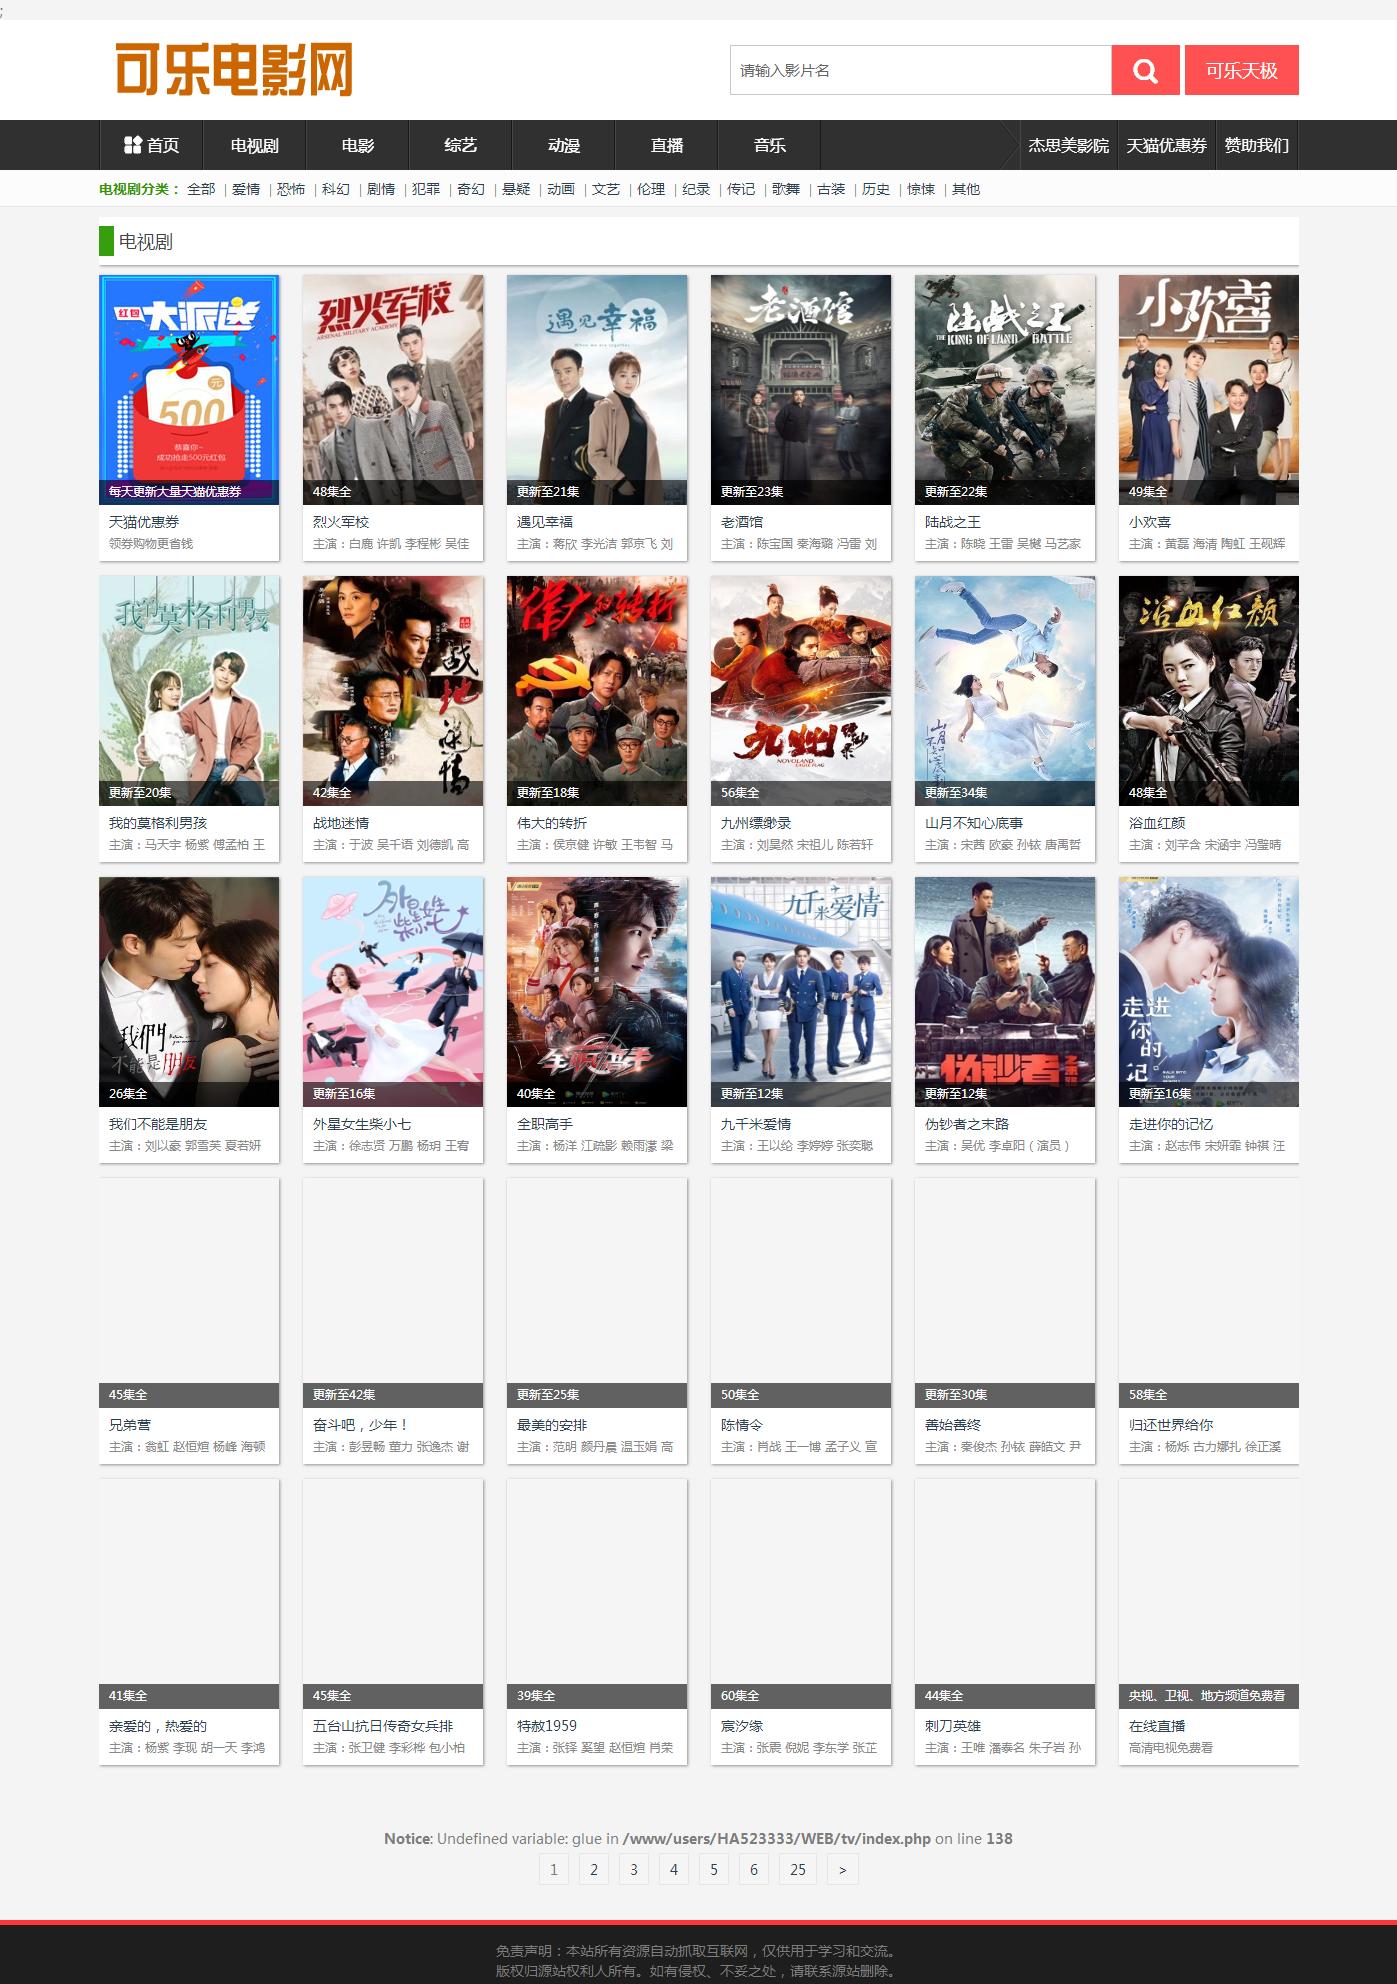 自动采集电影网站PHP源码